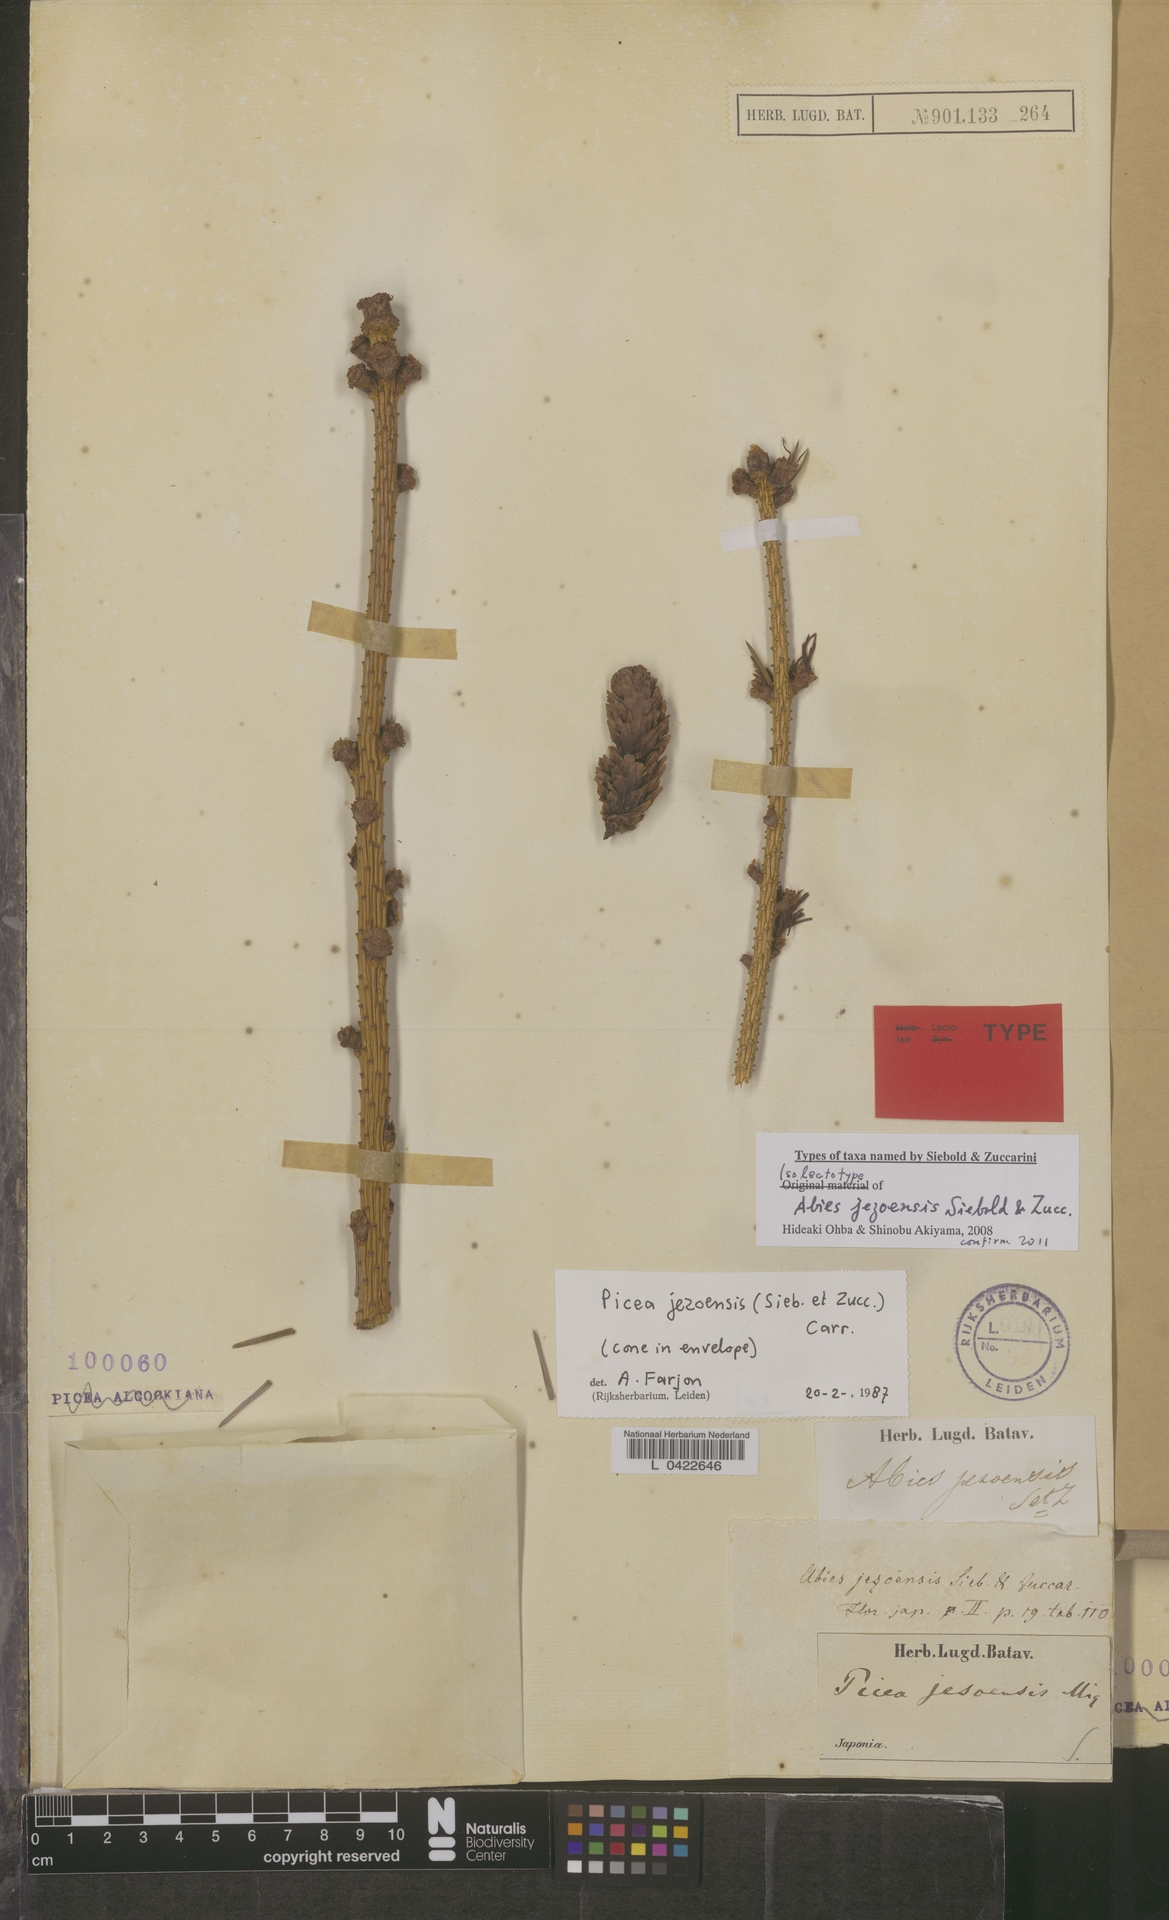 L  0422646 | Picea jezoensis (Siebold & Zucc.) Carrière